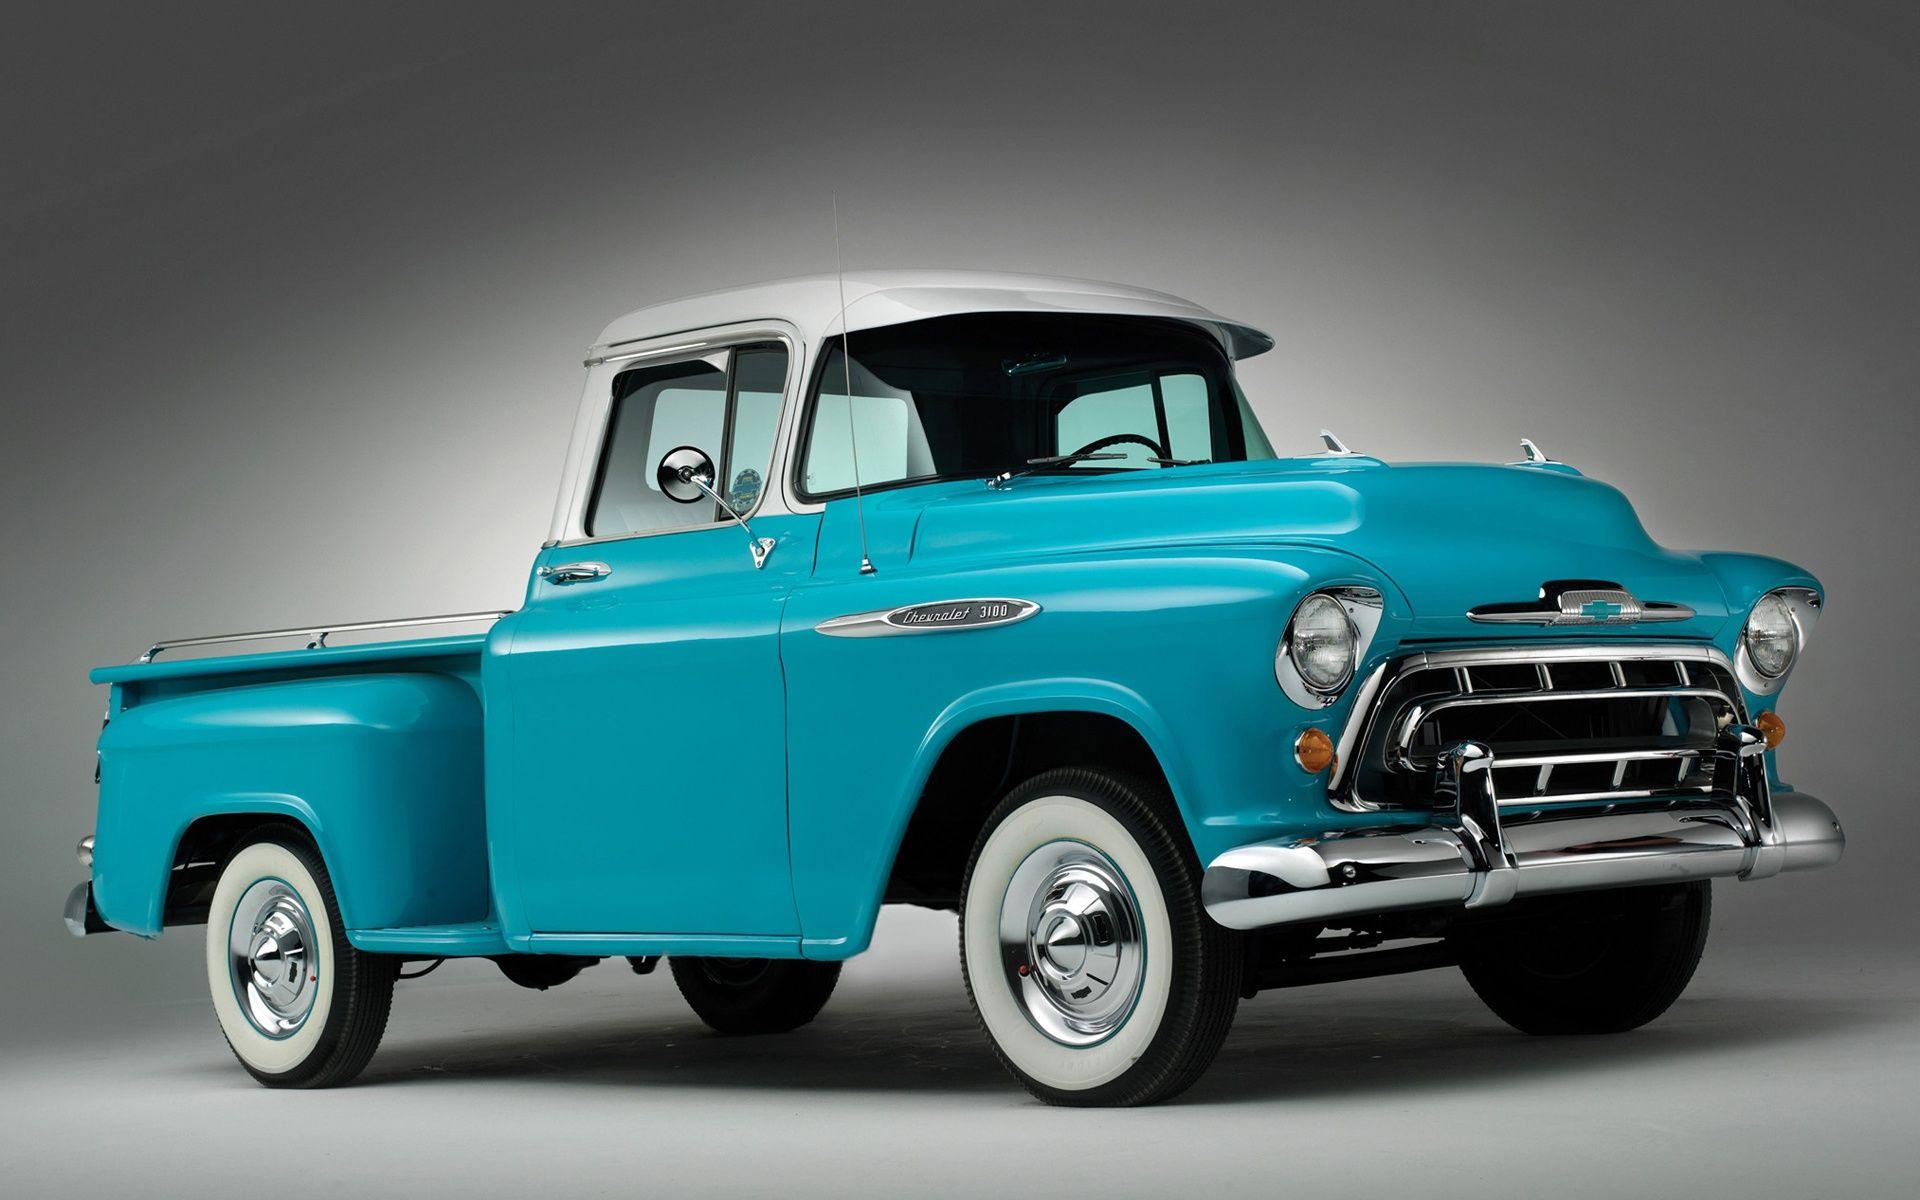 1957 Chevrolet Pickup Wallpaper Background 55 59 Chevrolet Task